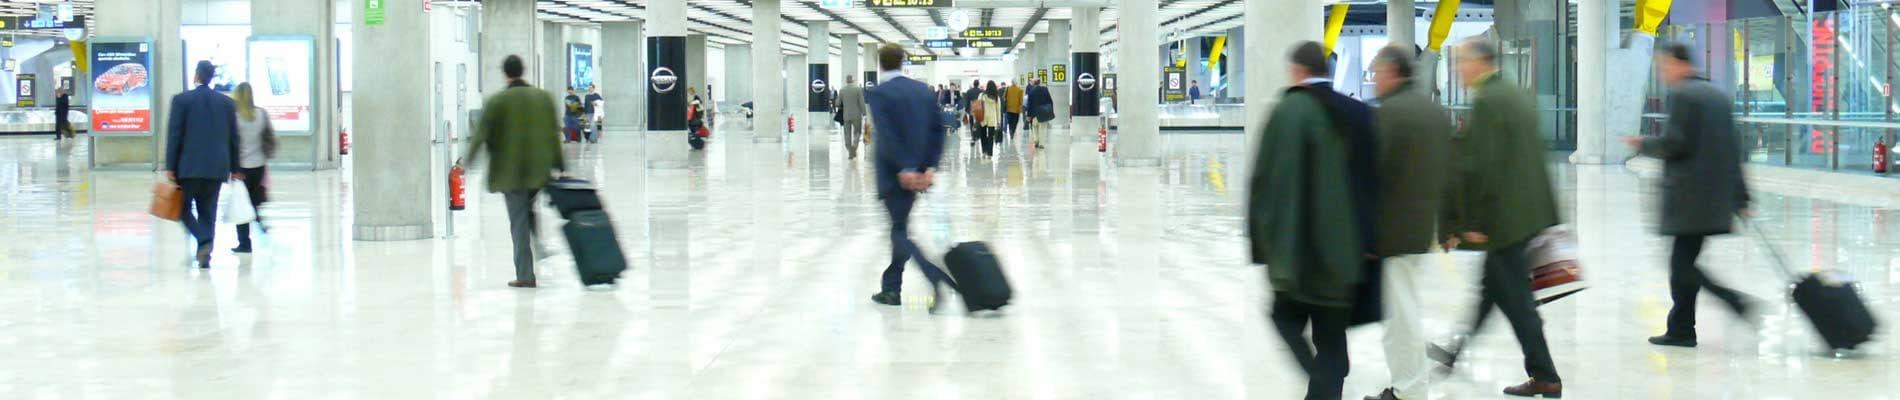 Personal de ports i aeroports